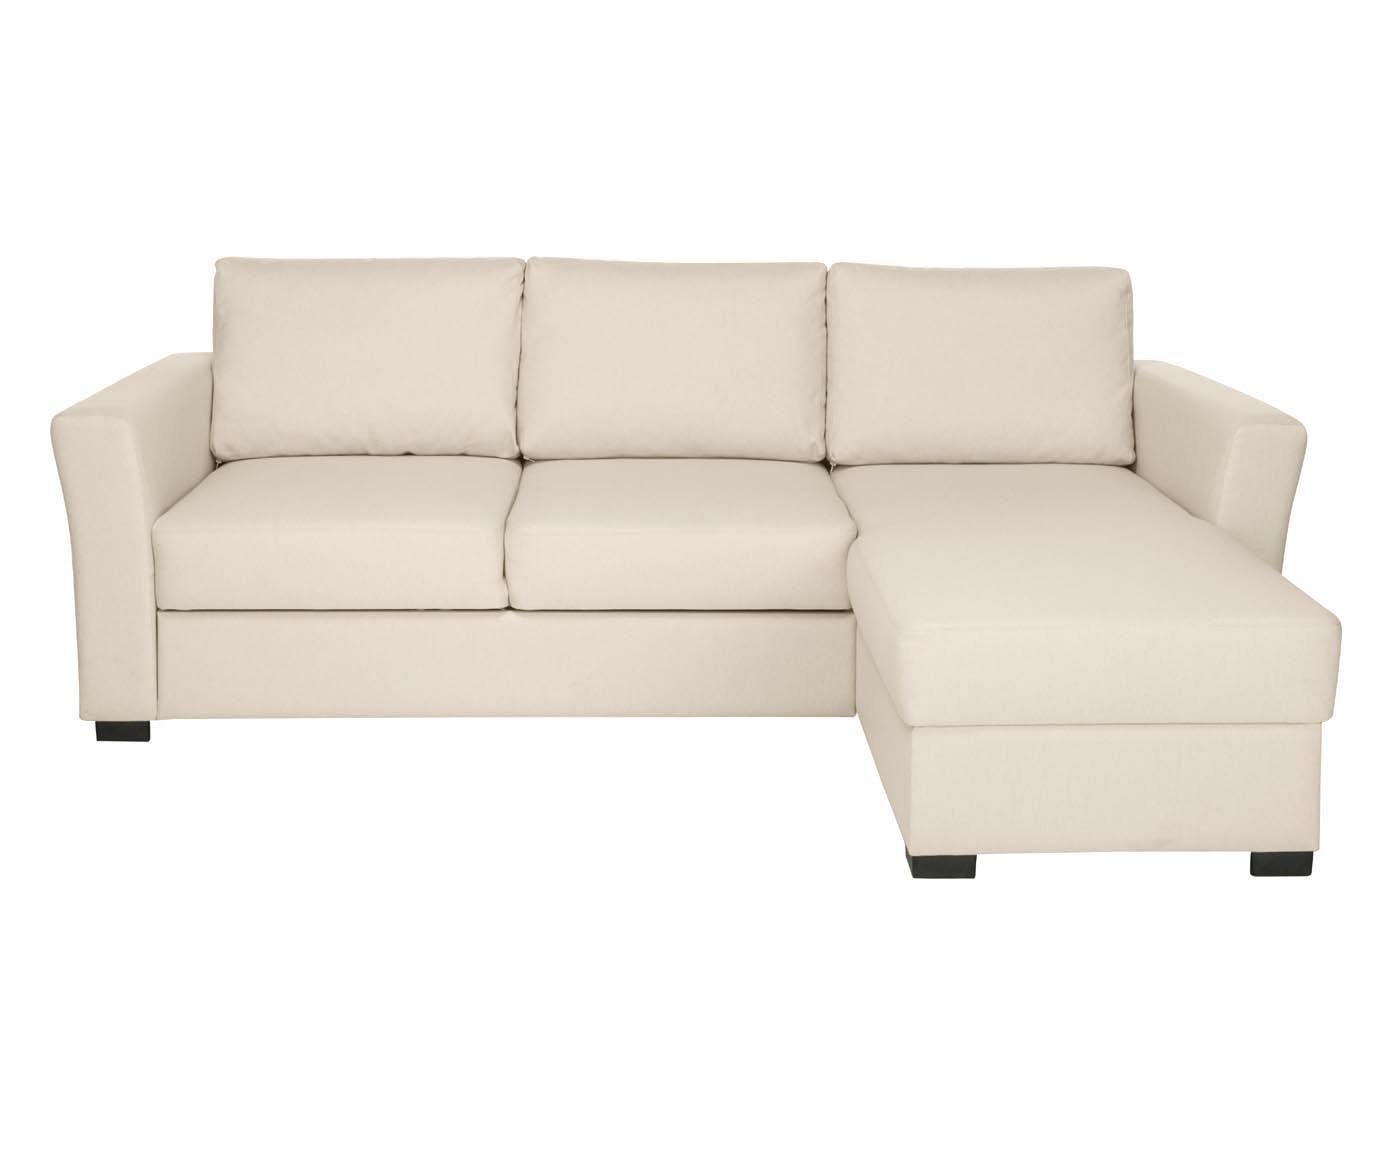 divano letto con chaise longue sx fakta crema 240x83x158 cm - Divano Letto A 3 Posti Color Crema